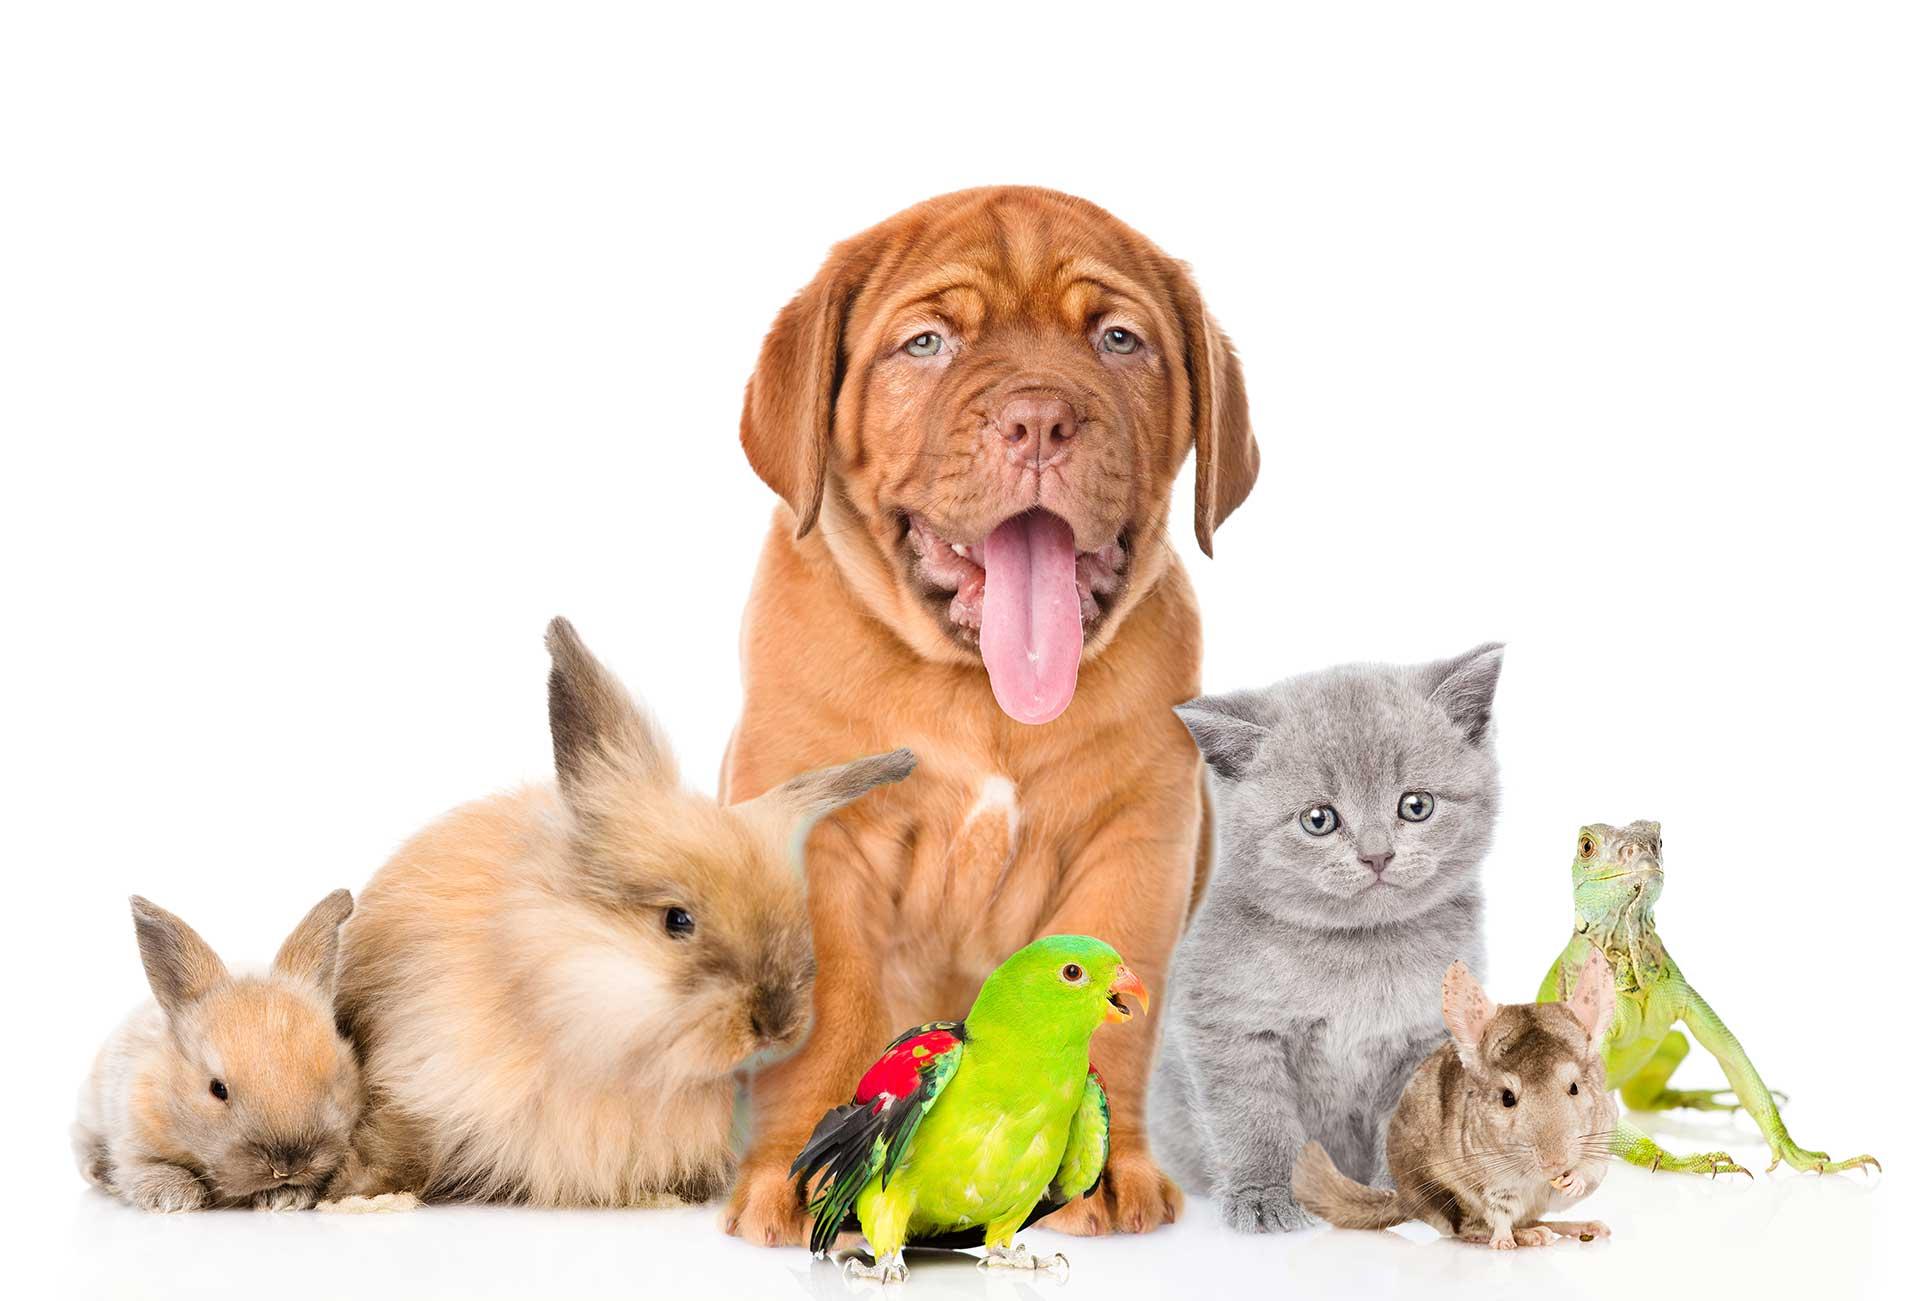 Картинки мультяшных животных для распечатки зависимости типа